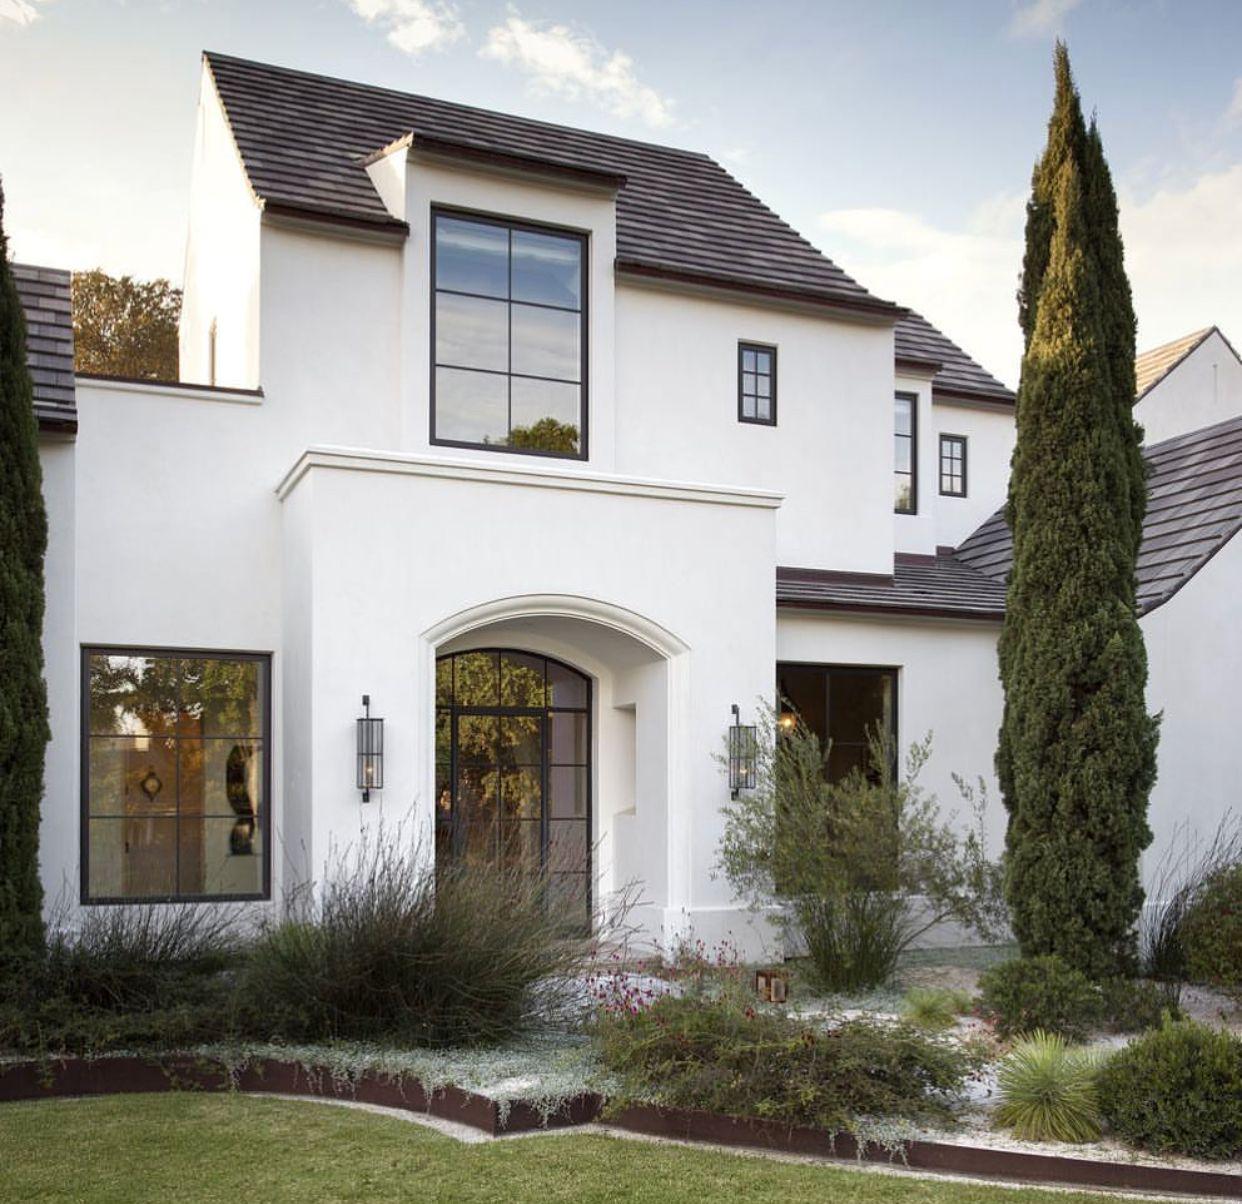 35 Best Exterior Paint Colors for Your Home | Exterior paint colors ...